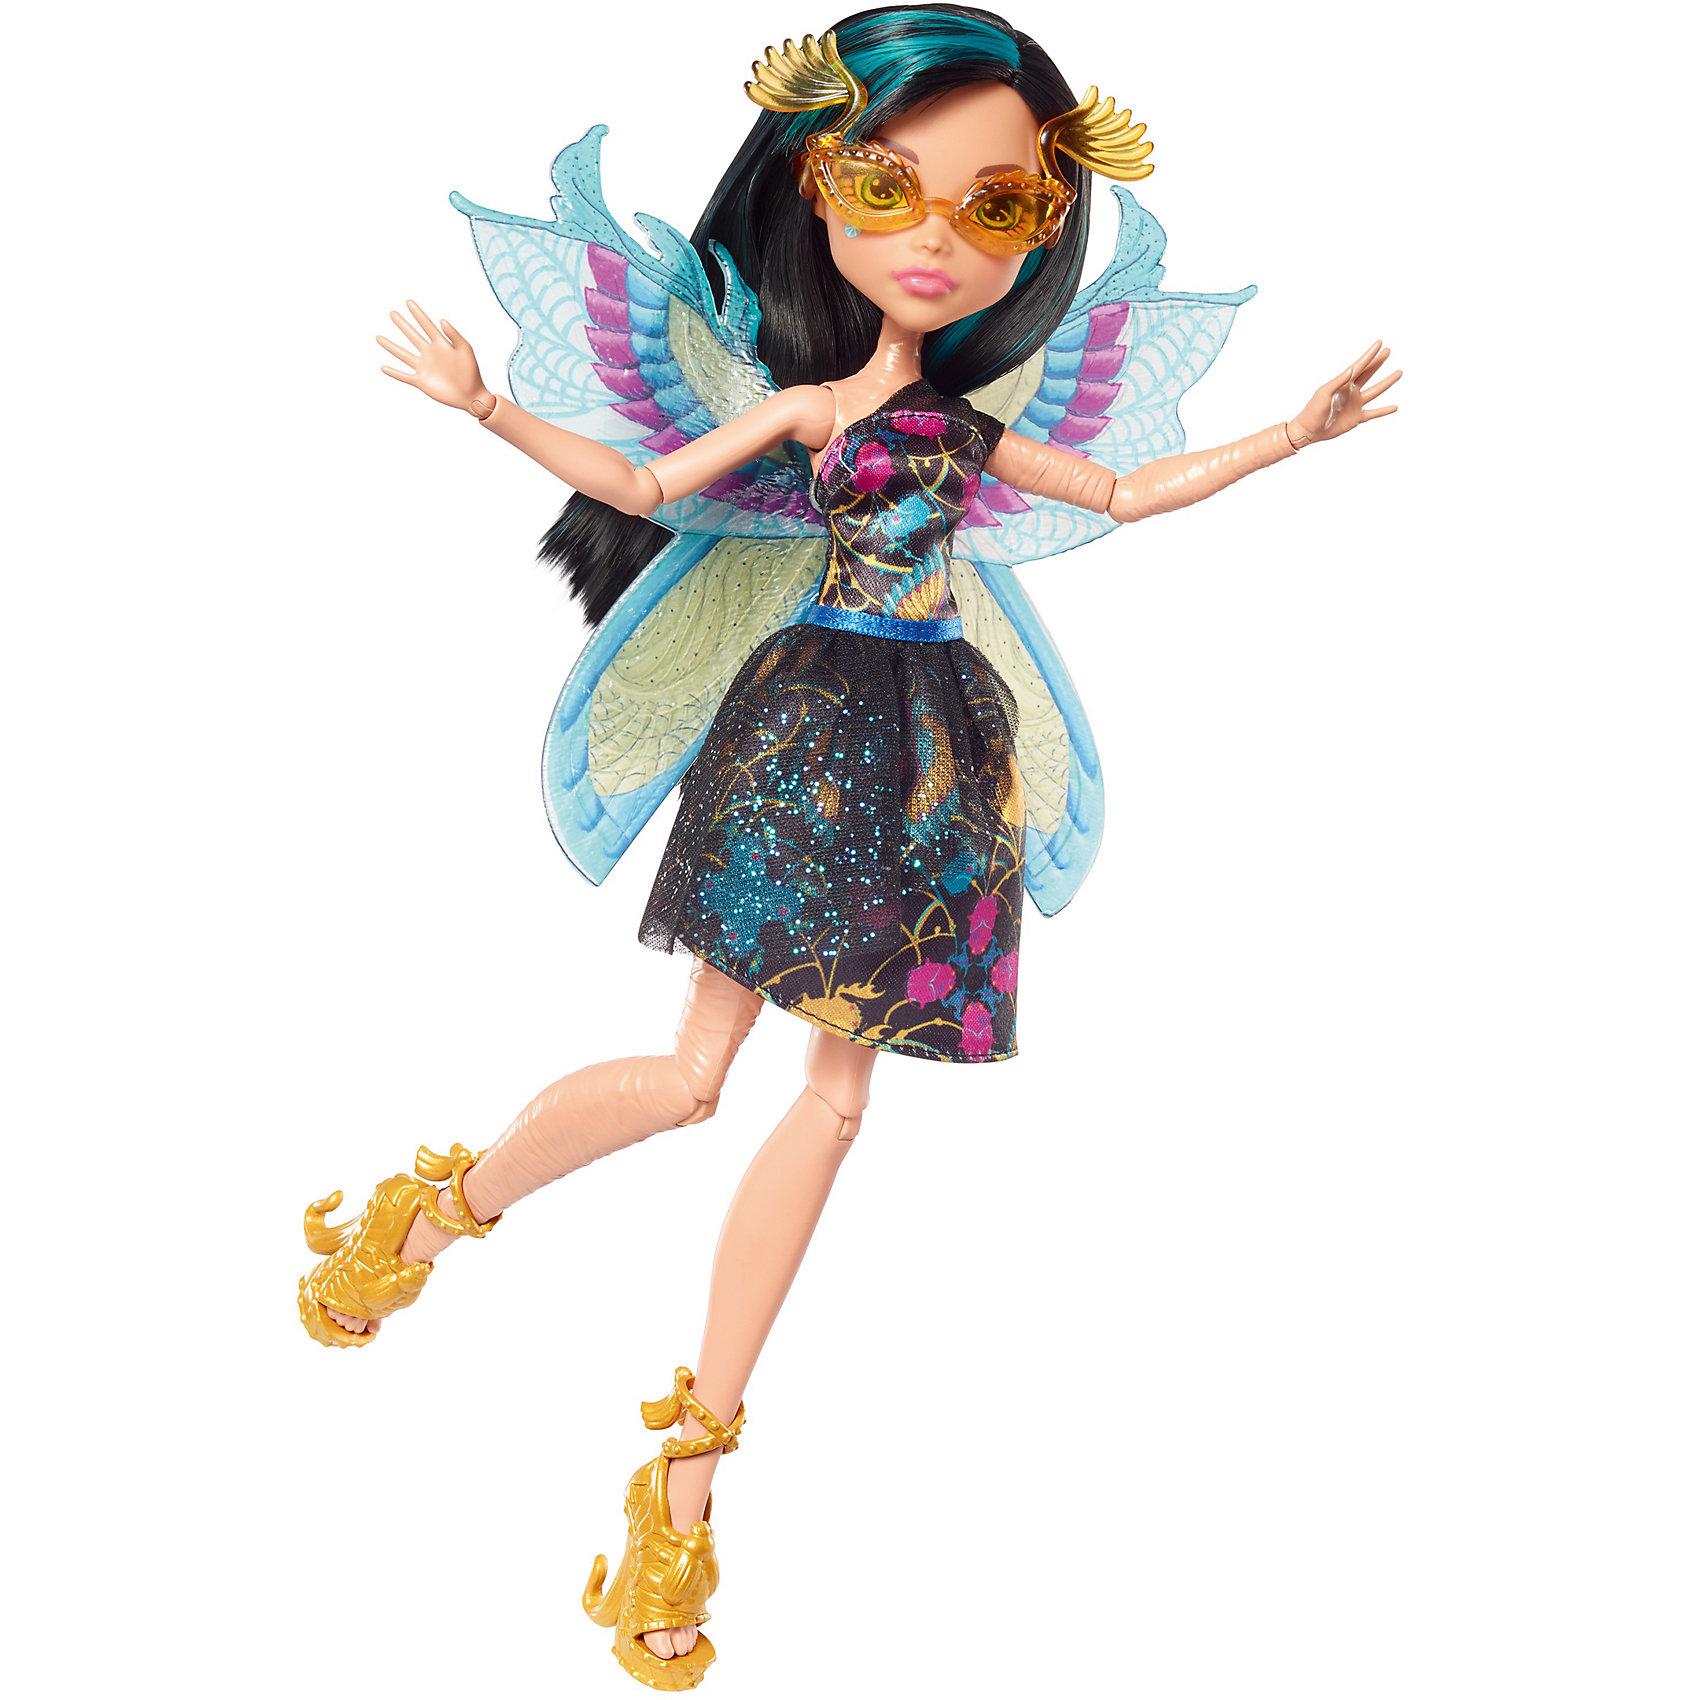 Кукла Monster High Цветочная монстряшка Клео де НилКуклы-модели<br>Характеристики товара:<br><br>• возраст: от 6 лет<br>• материал: пластик;<br>• упаковка: коробка;<br>• высота куклы: 28-30 см<br>• страна бренда: США<br><br>Роскошные крылья уникальных форм, цветов и видов помогают ученицам Monster High™ летать стильно. <br>Клео одета в черное платье с пышной юбкой. <br><br>Крылышки выполнены в египетском стиле в голубом и желтом цветах. Волосы черные с бирюзовыми прядями. На ногах золотистые туфли с жемчугом, скарабеями и змейками на каблуке.<br><br>В?набор входят кукла Monster High™ «Цветочные монстряшки»™, одежда, аксессуары и крылья. <br><br>Куклу Monster High Цветочная монстряшка Клео де Нил можно кукпить в нашем интернет-магазине.<br><br>Ширина мм: 328<br>Глубина мм: 157<br>Высота мм: 68<br>Вес г: 194<br>Возраст от месяцев: 72<br>Возраст до месяцев: 120<br>Пол: Женский<br>Возраст: Детский<br>SKU: 6739694